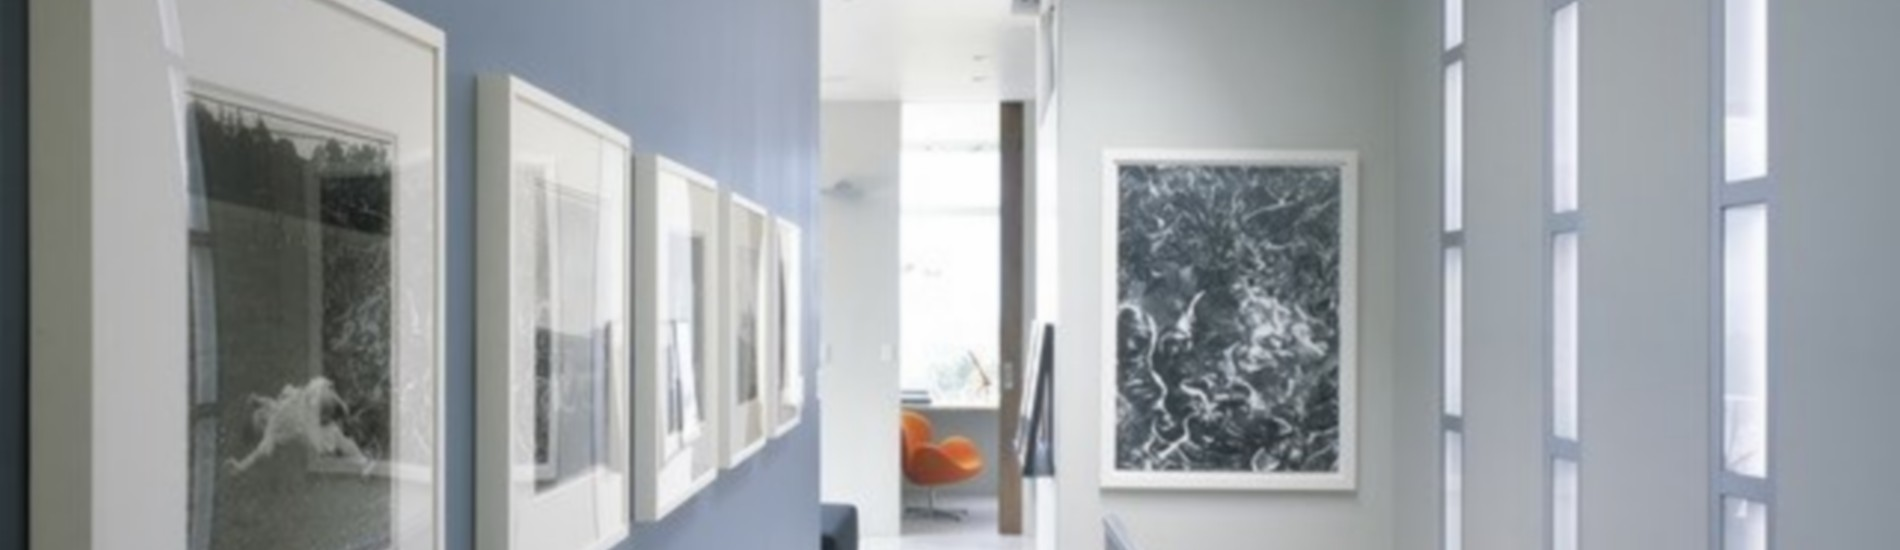 peinture plafond mat ou satine 28 images peinture